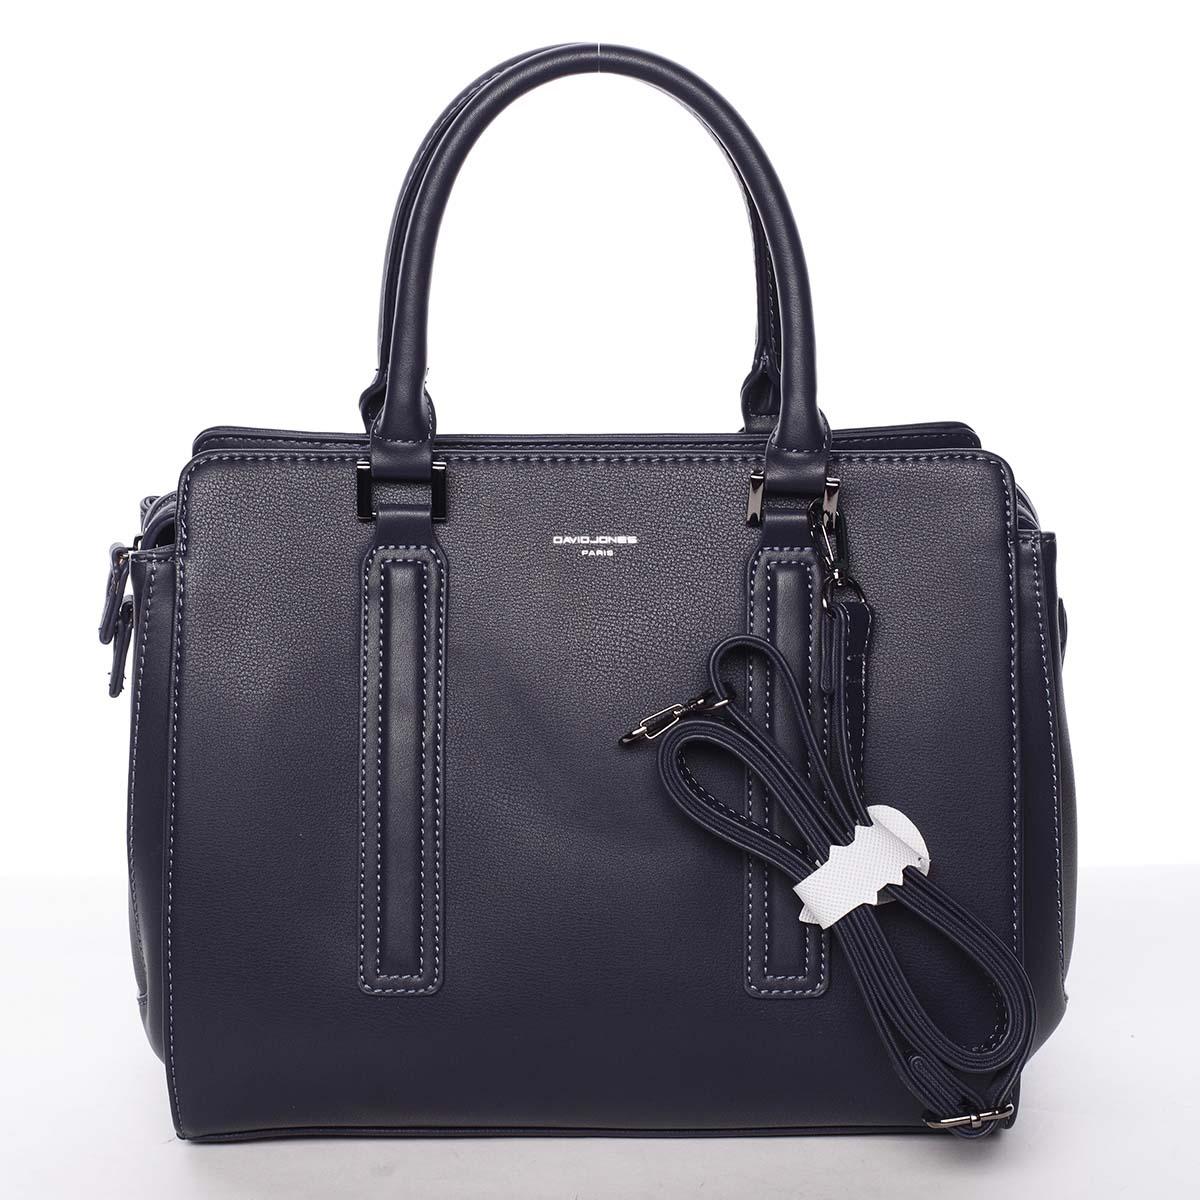 Elegantní stylová dámská tmavě modrá kabelka - David Jones Amedee